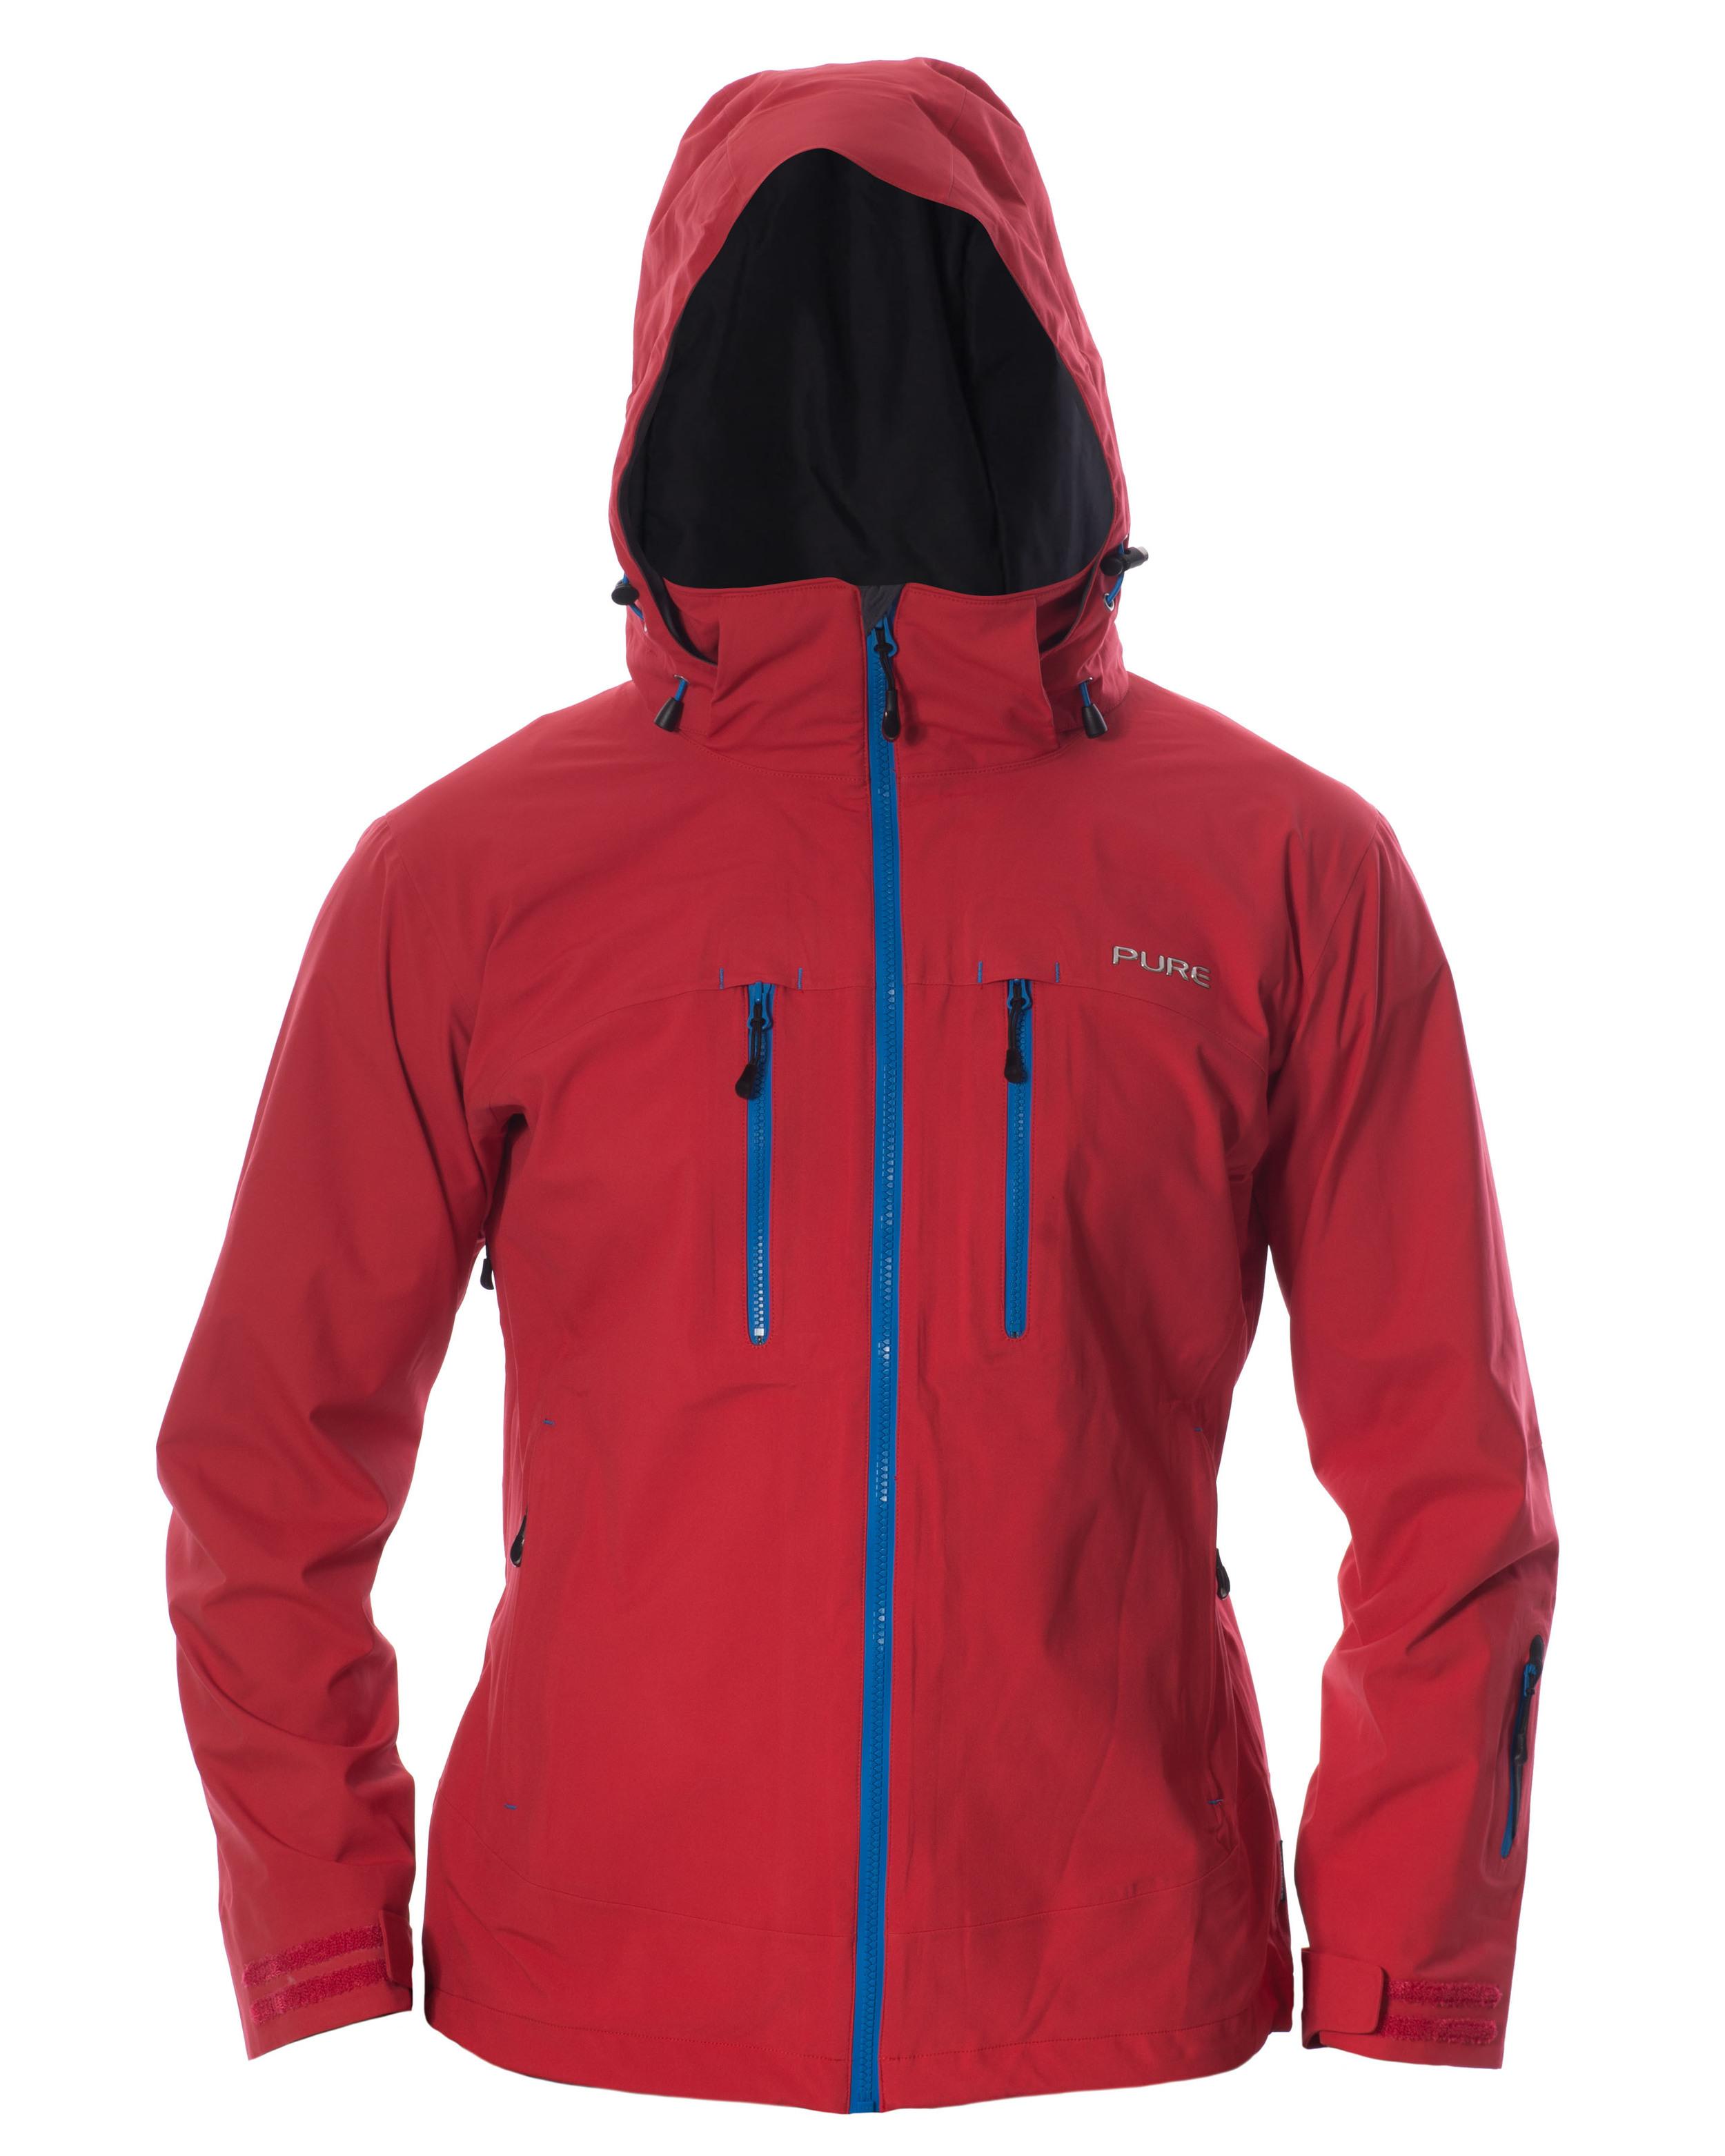 Copy of Everest Men's Jacket - Red / Notice Zips